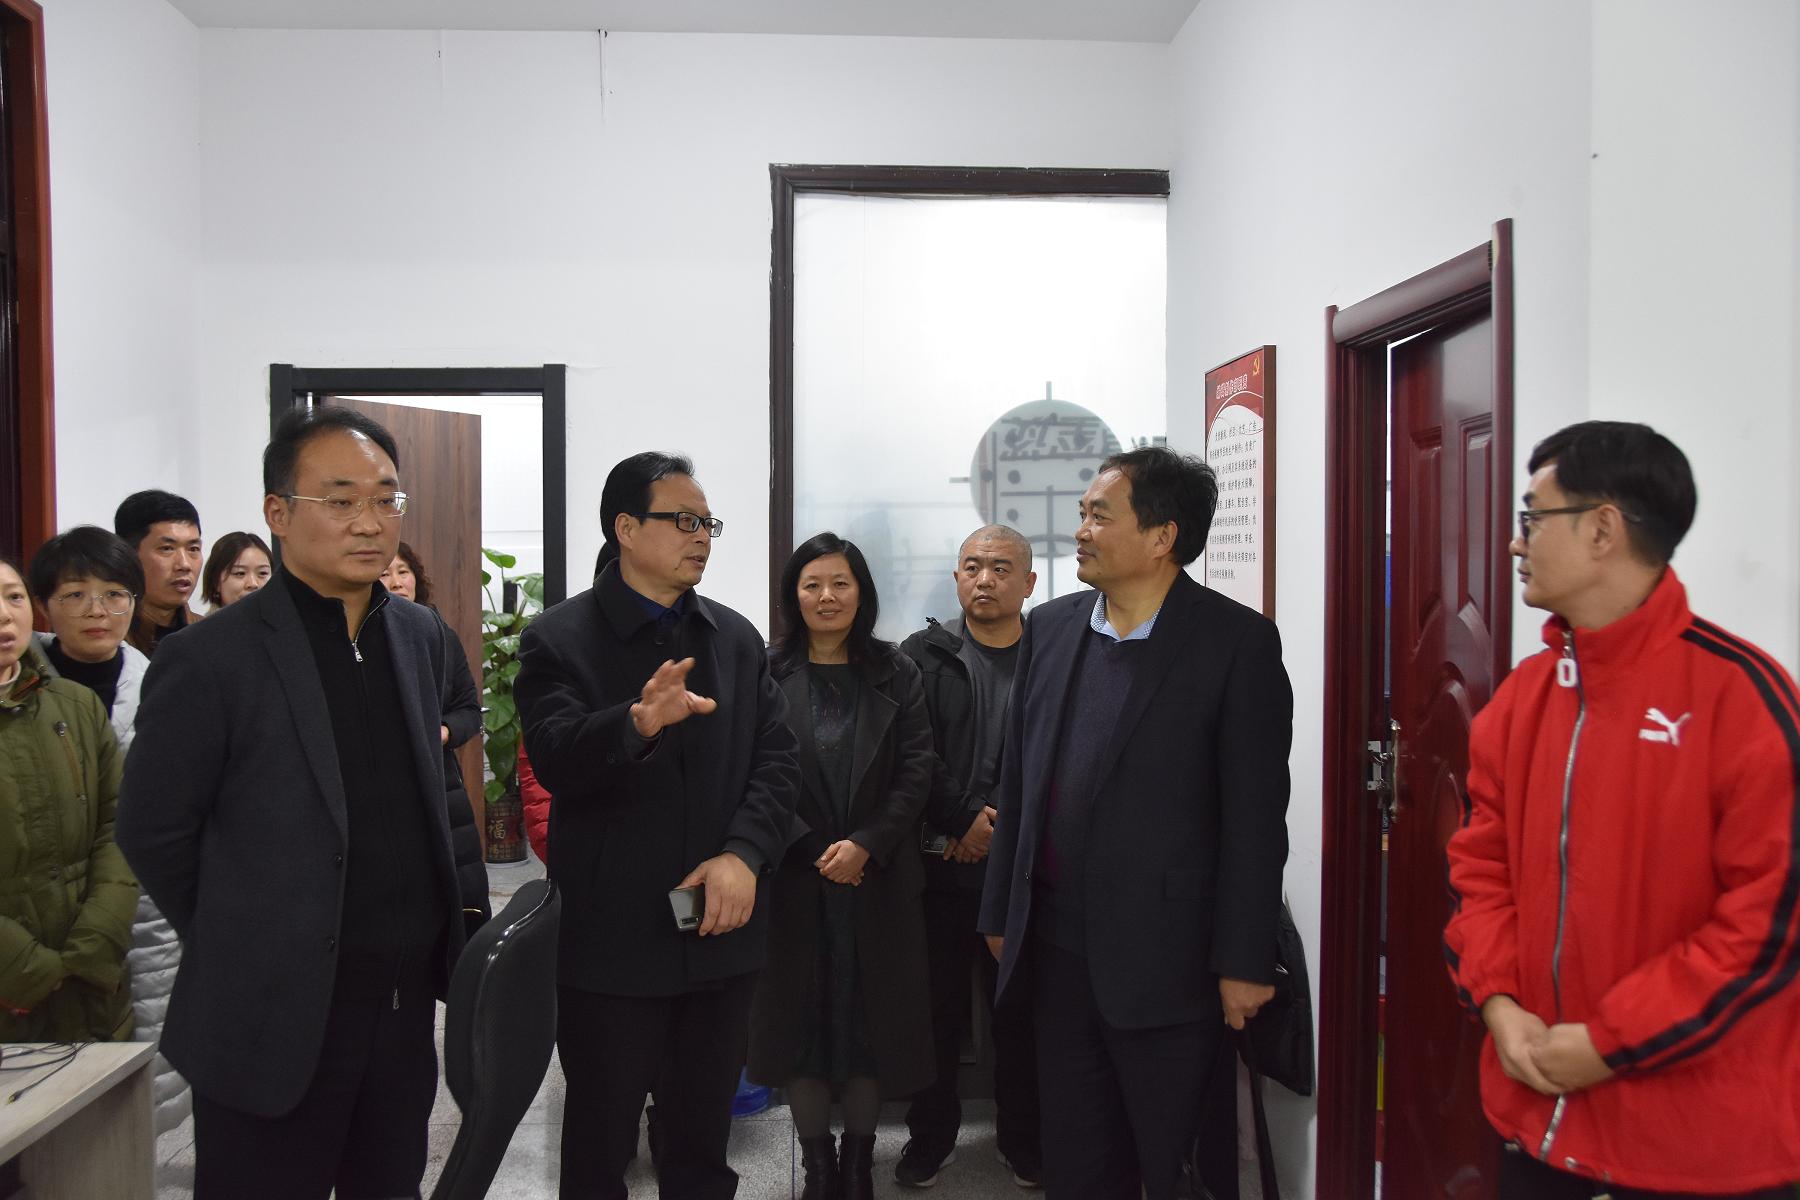 文化传媒学院院长朱占青一行到上蔡县融媒体中心考察调研